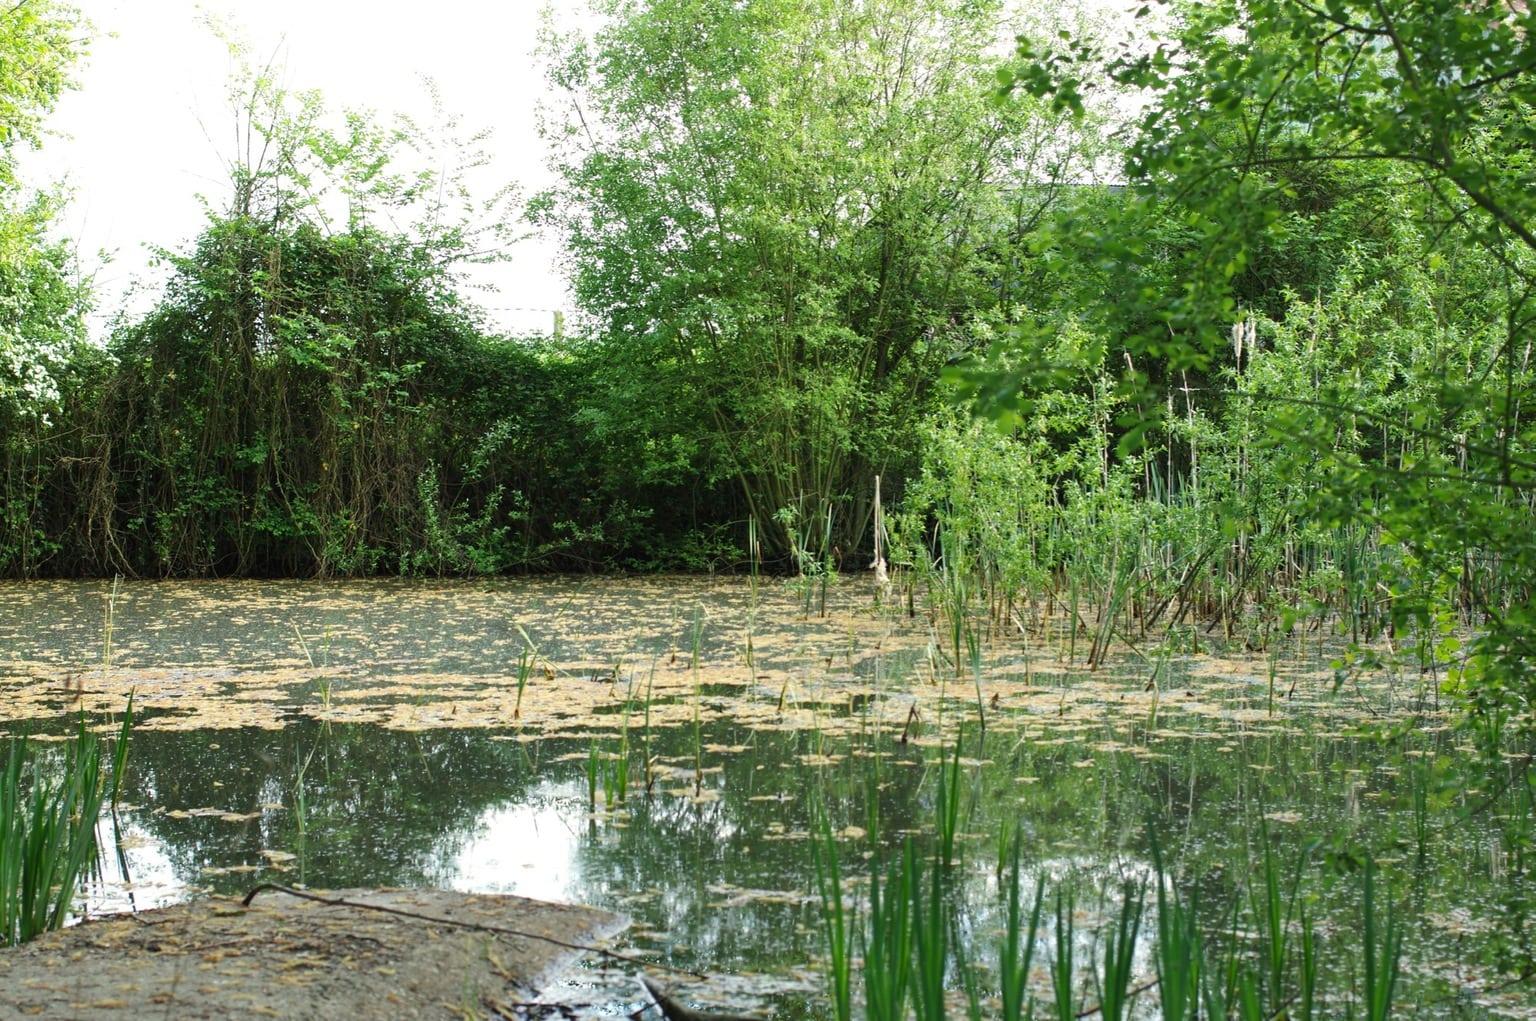 parc régional du Perche, une mare en pleine campagne française dans l'Orne - St Pierre La Bruyère